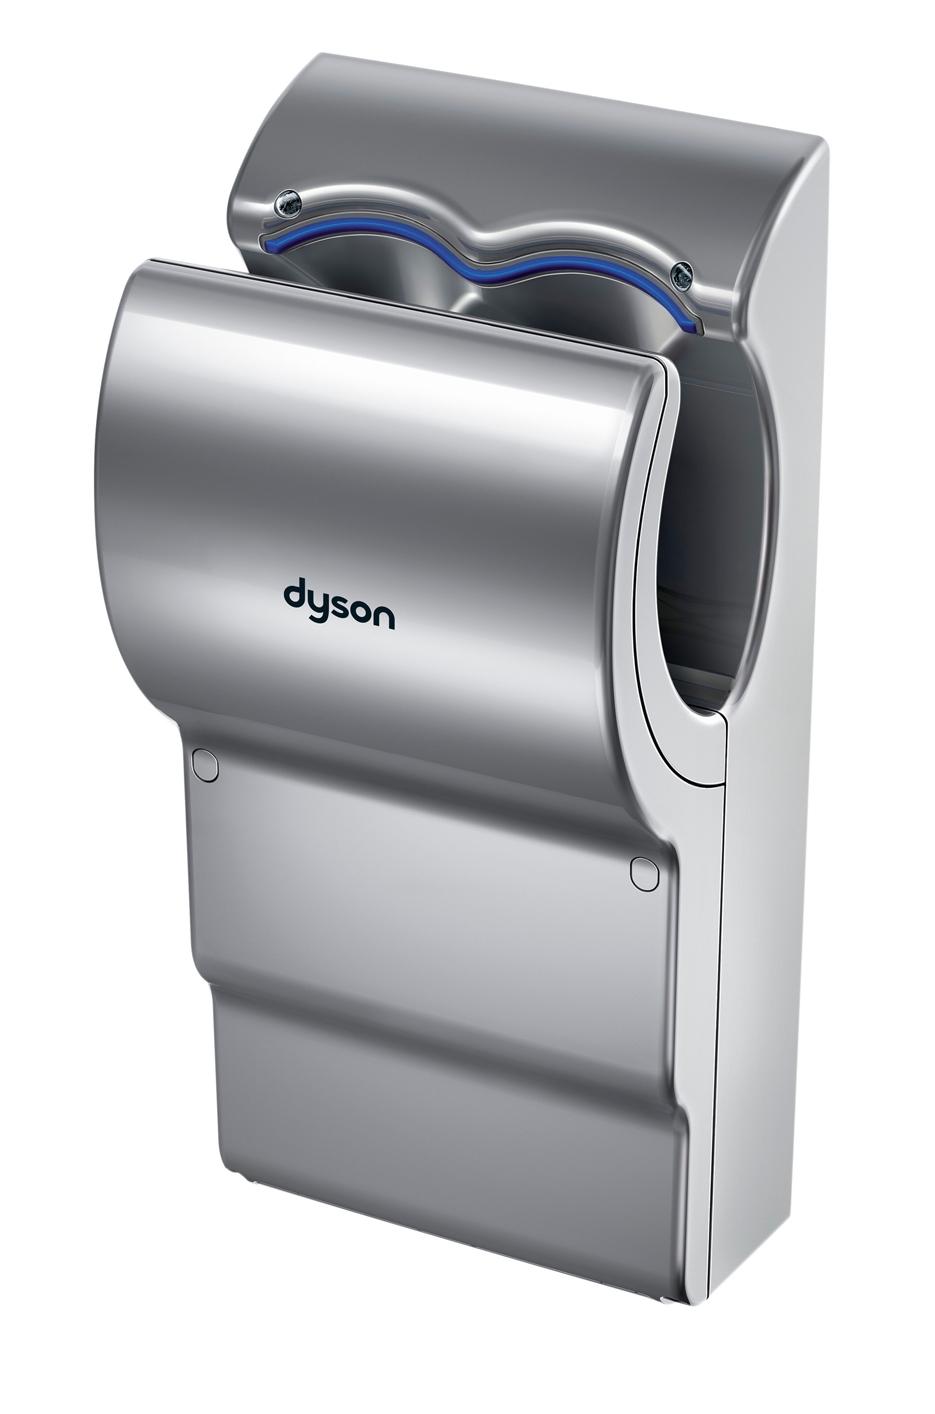 Дайсон сушилка для рук dyson air multiplier desk fan 10 цена